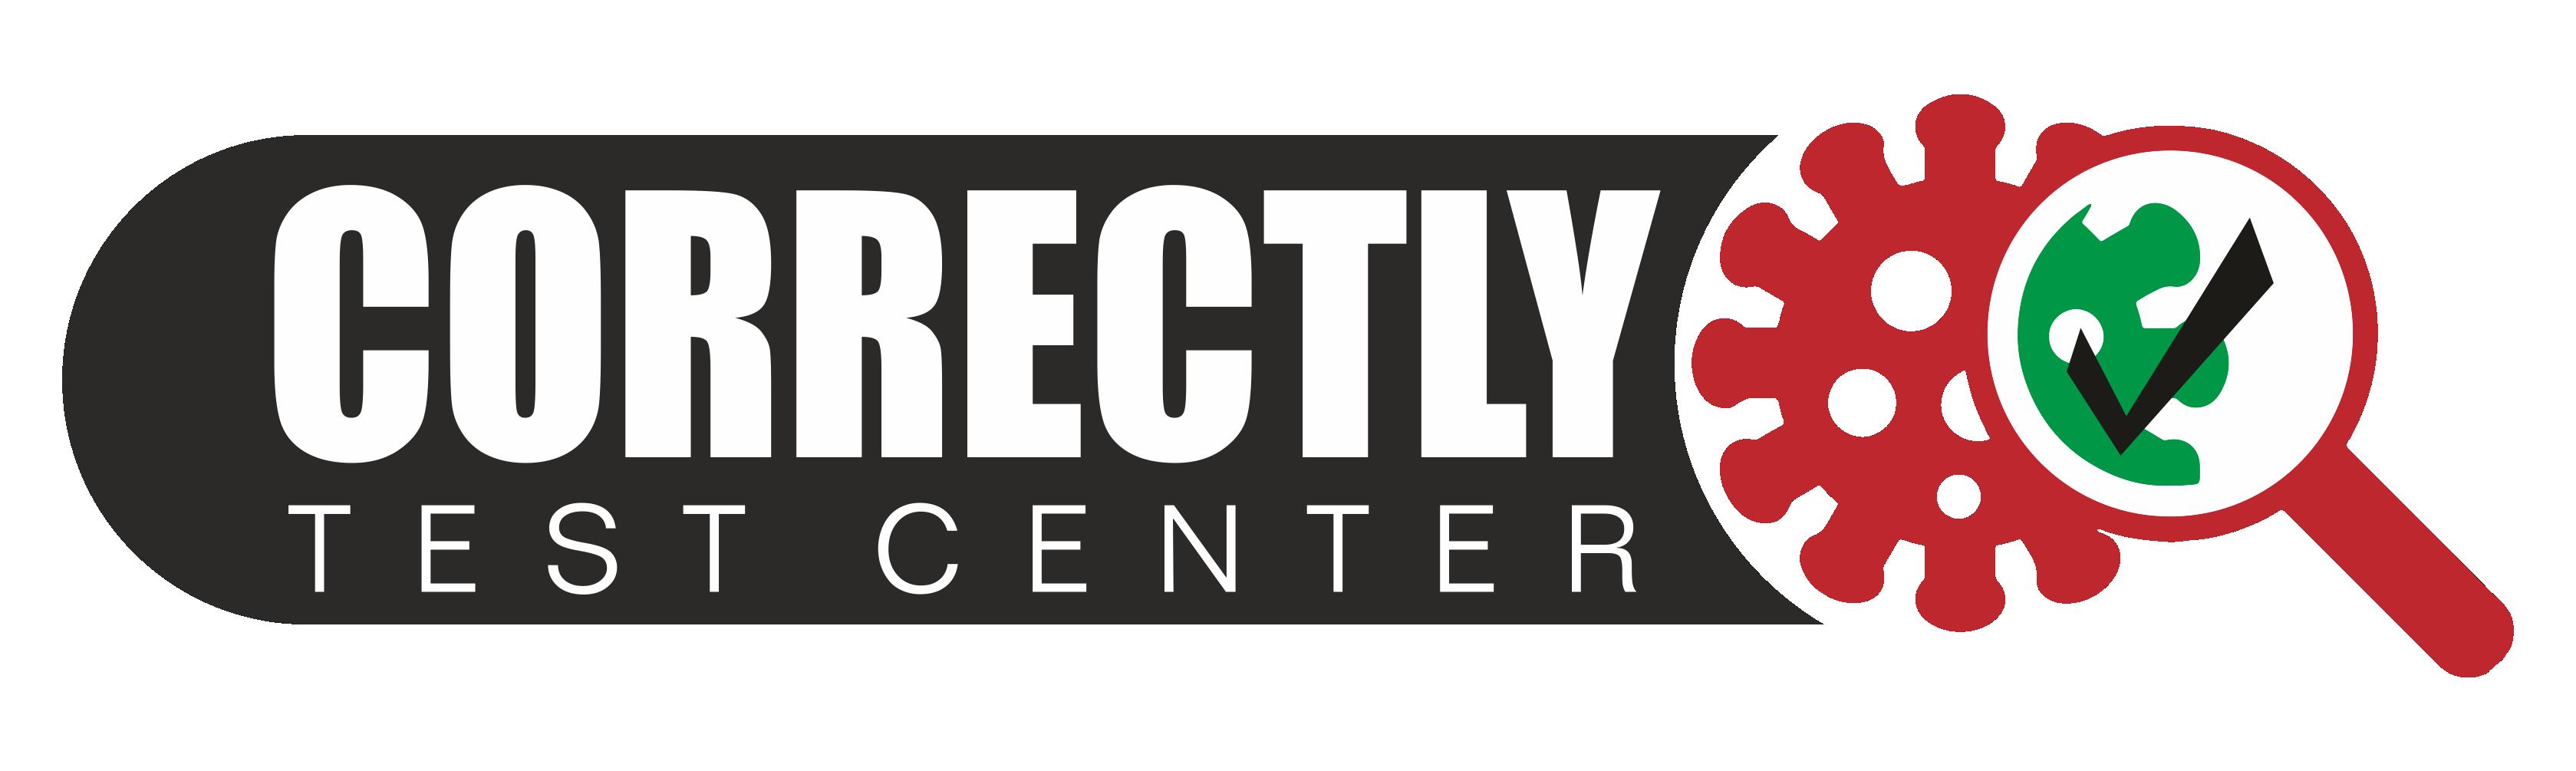 Correctly Testcenter Logo